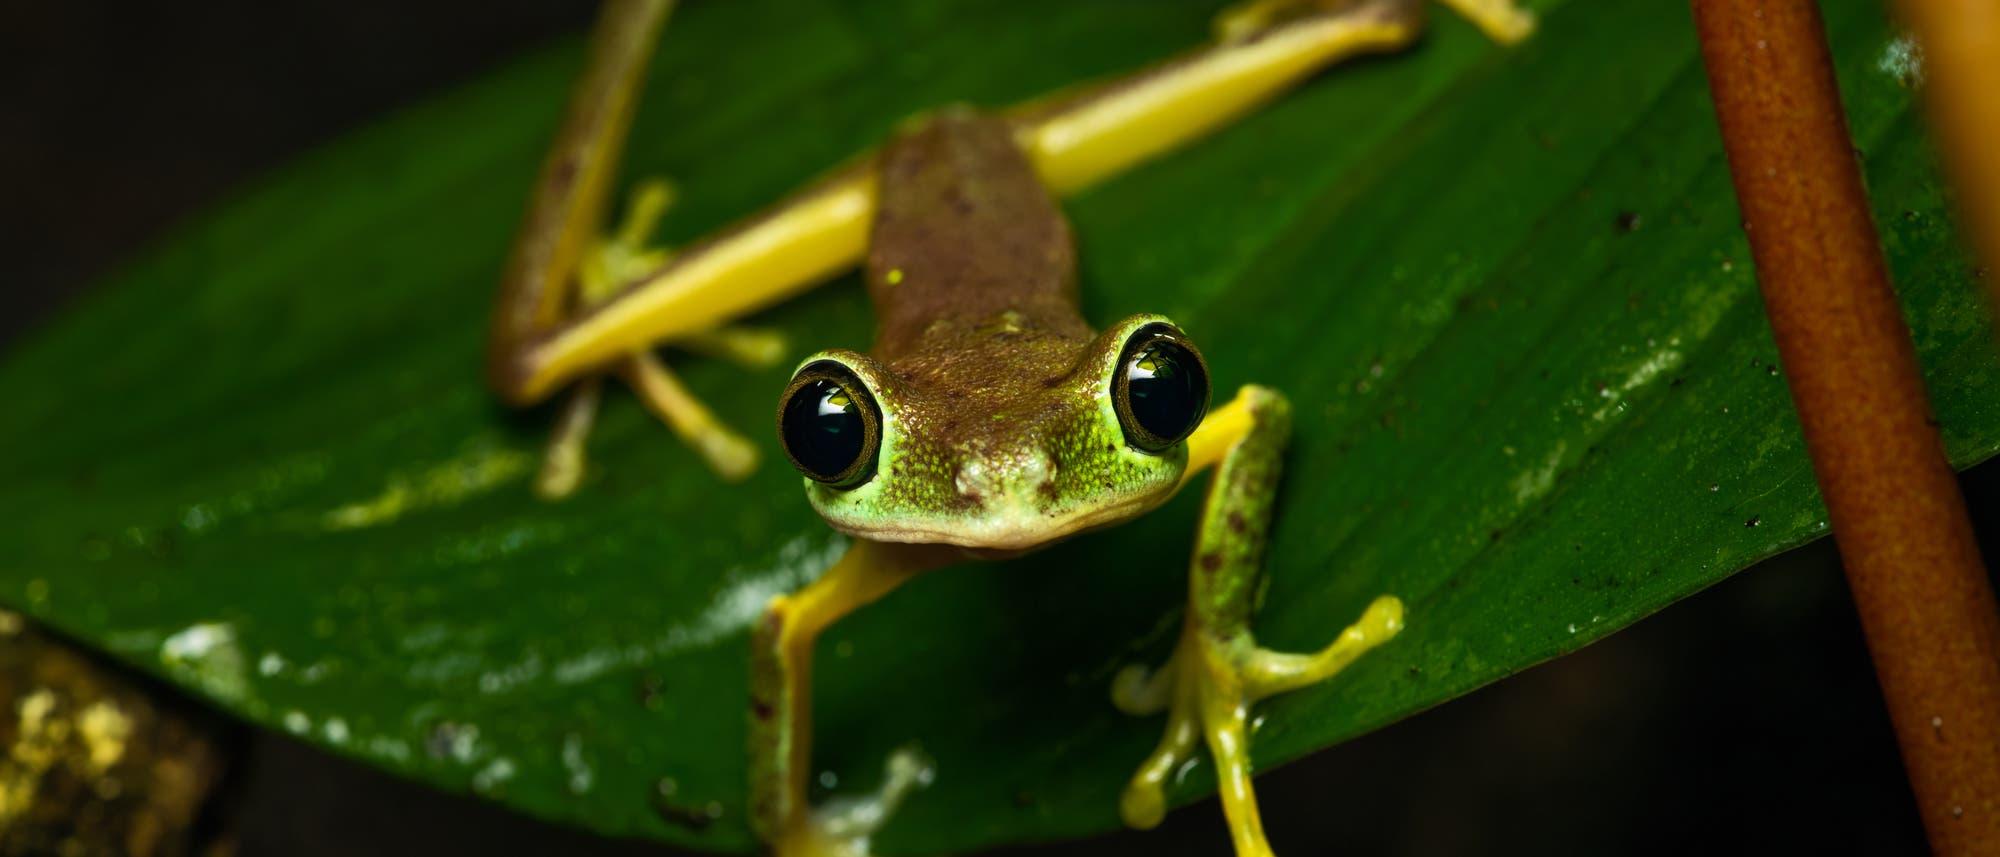 Durch einen Pilzbefall ging der Bestand der Amphibien in vielen Regionen der Welt dramatisch zurück. Betroffen war auch der Lemur-Laubfrosch, der in Costa Rica, Panama und im Nordwesten Kolumbiens beheimatet ist.